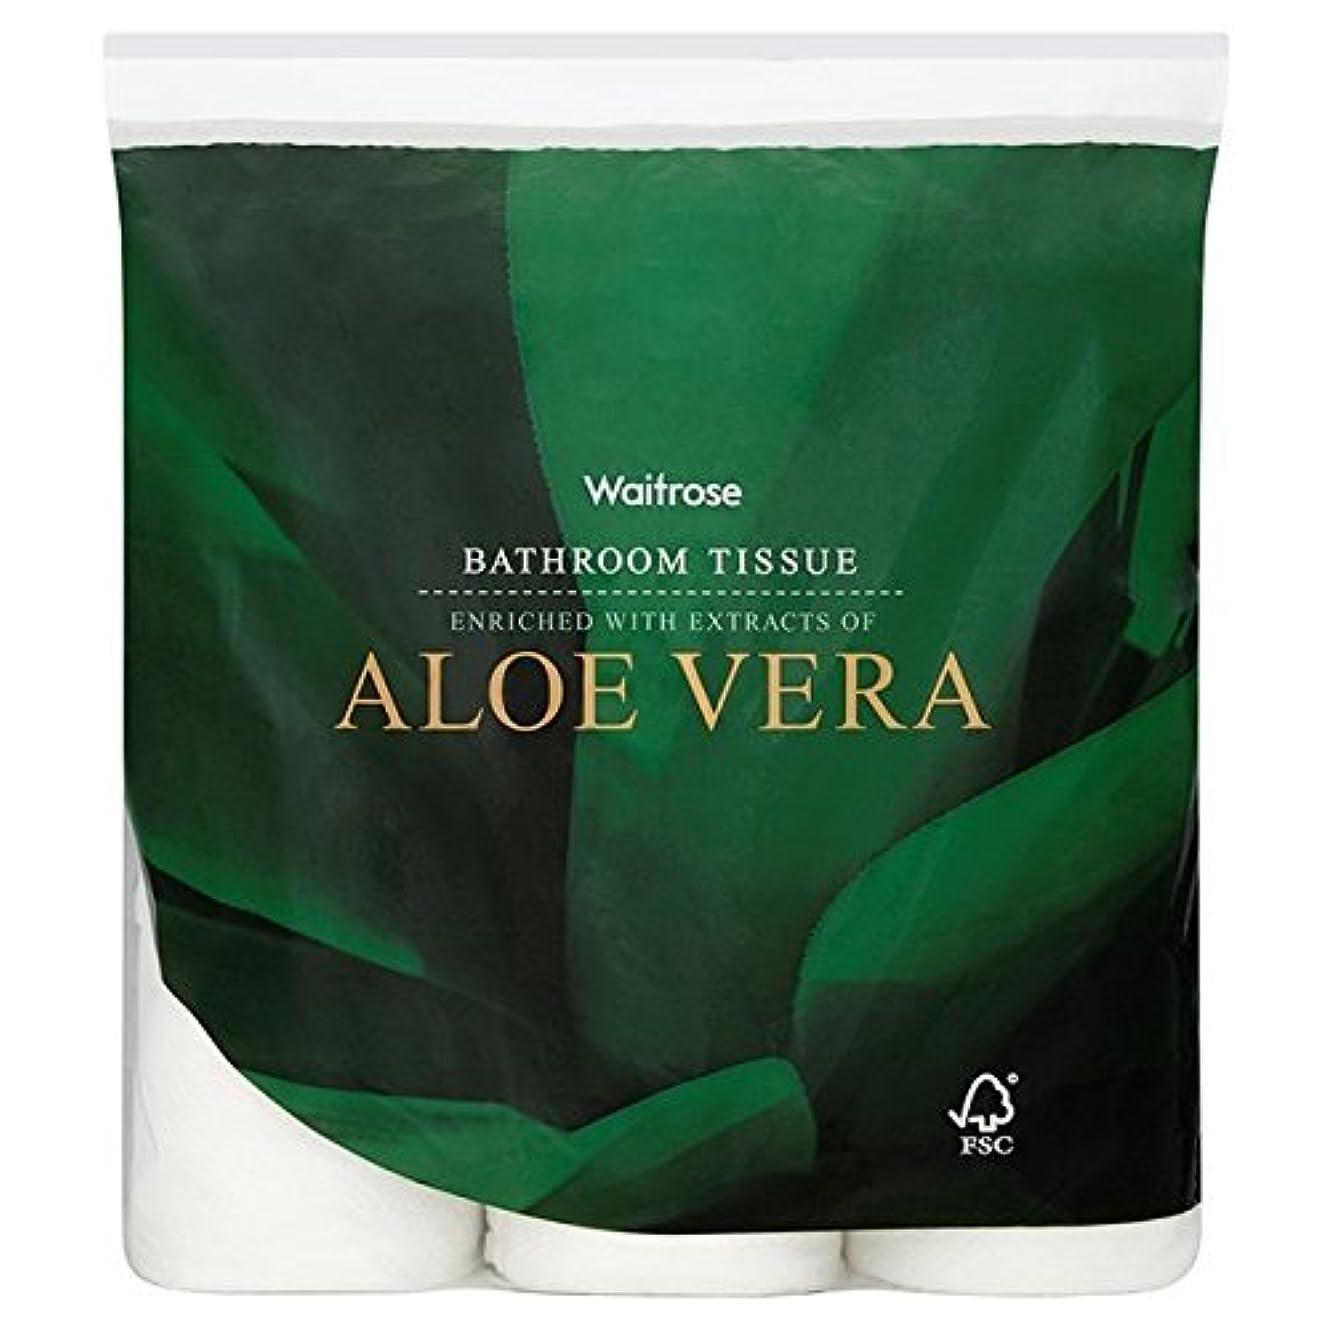 飲食店人里離れた後悔パックあたりアロエベラ浴室組織白ウェイトローズ9 x2 - Aloe Vera Bathroom Tissue White Waitrose 9 per pack (Pack of 2) [並行輸入品]